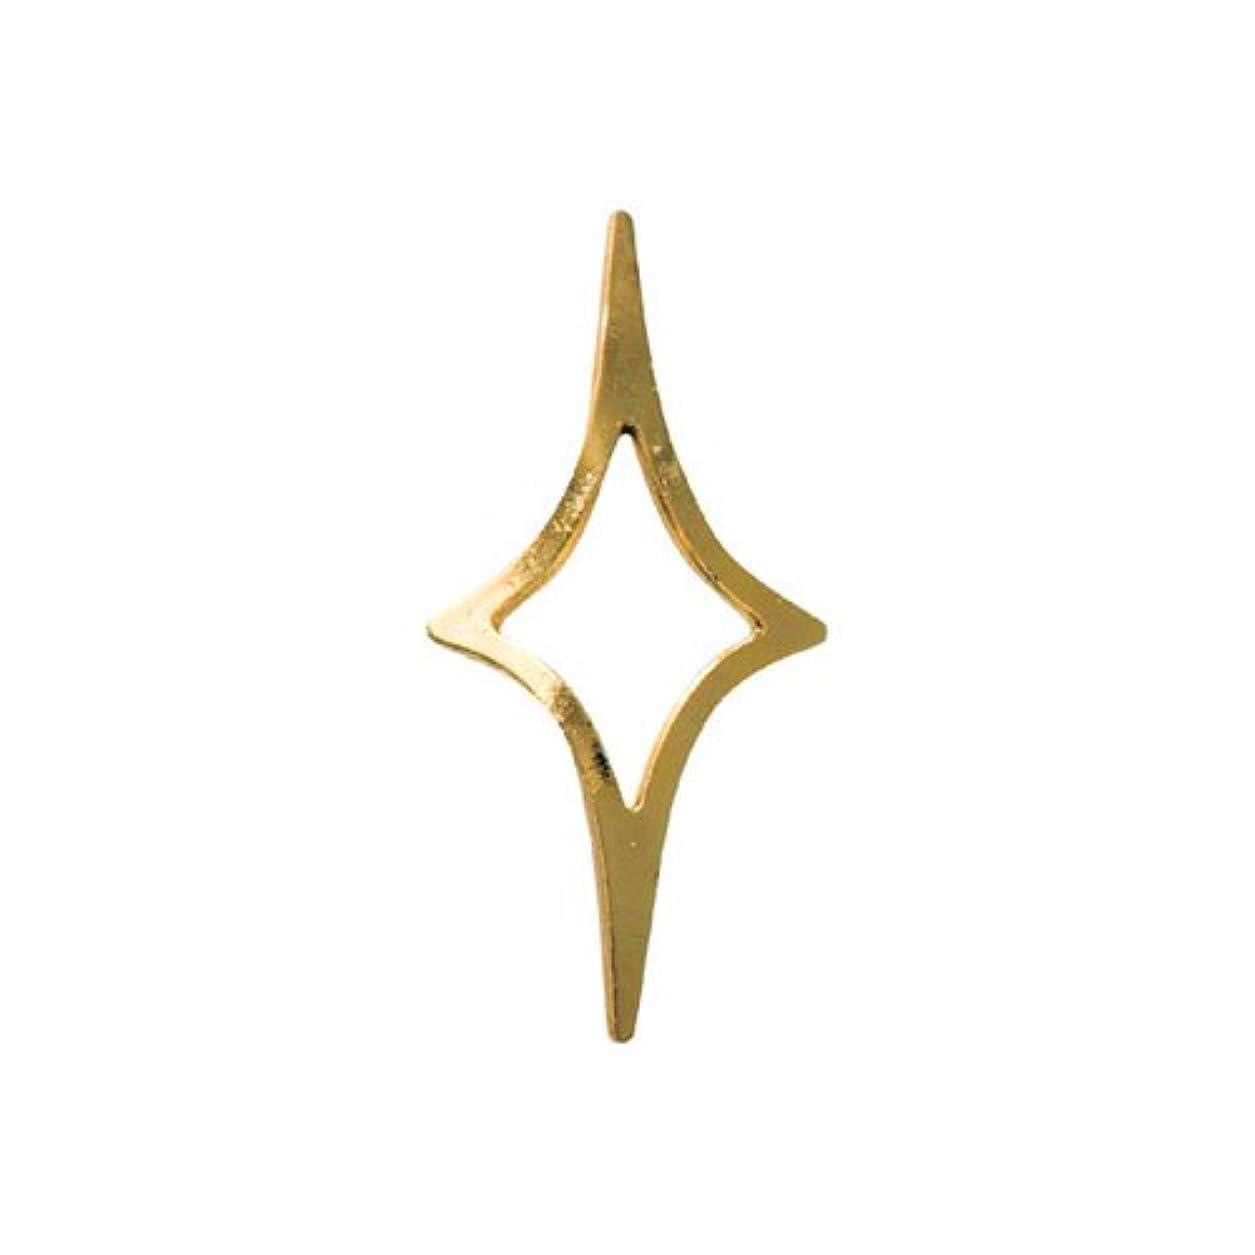 首尾一貫したマーク冬リトルプリティー ネイルアートパーツ キラキラ2 3S ゴールド 20個